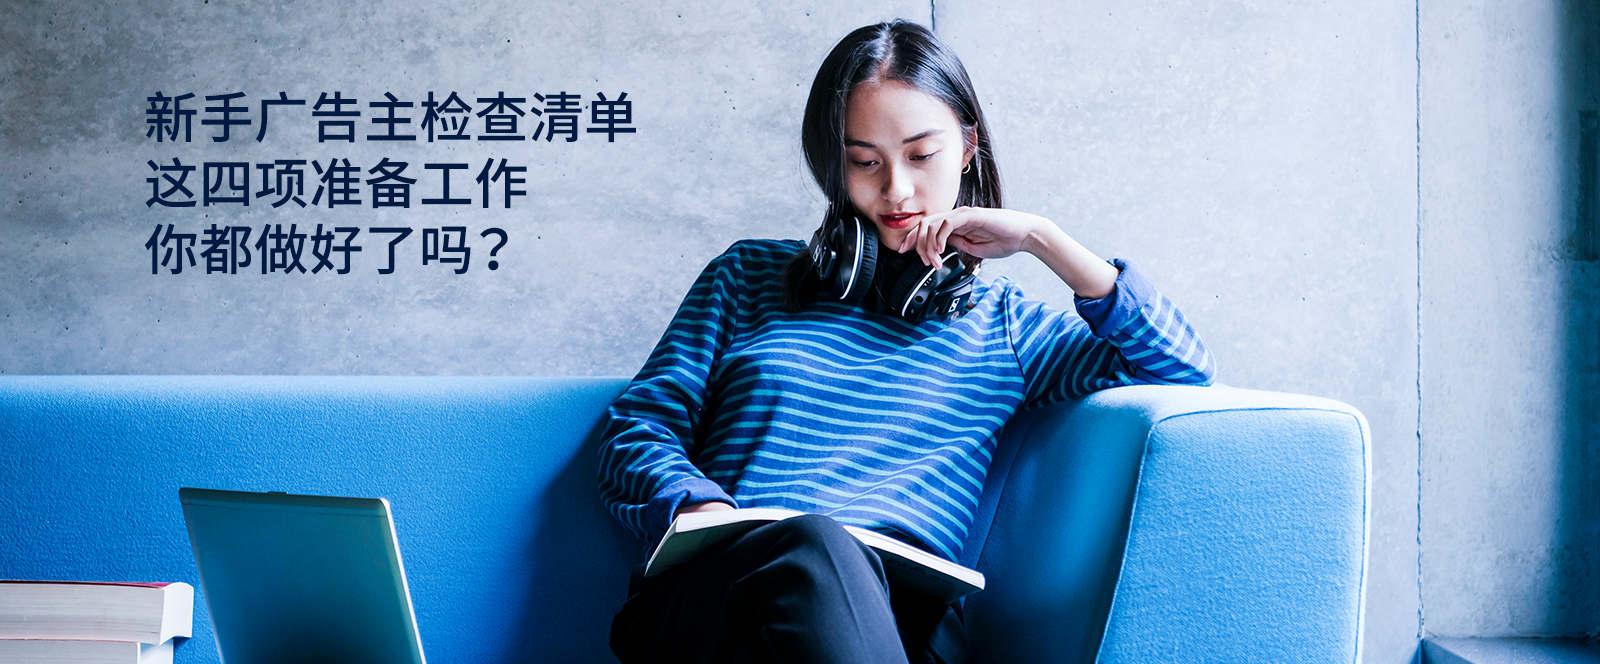 提个小醒:开户需要什么资料?Facebook新手广告主检查清单↓